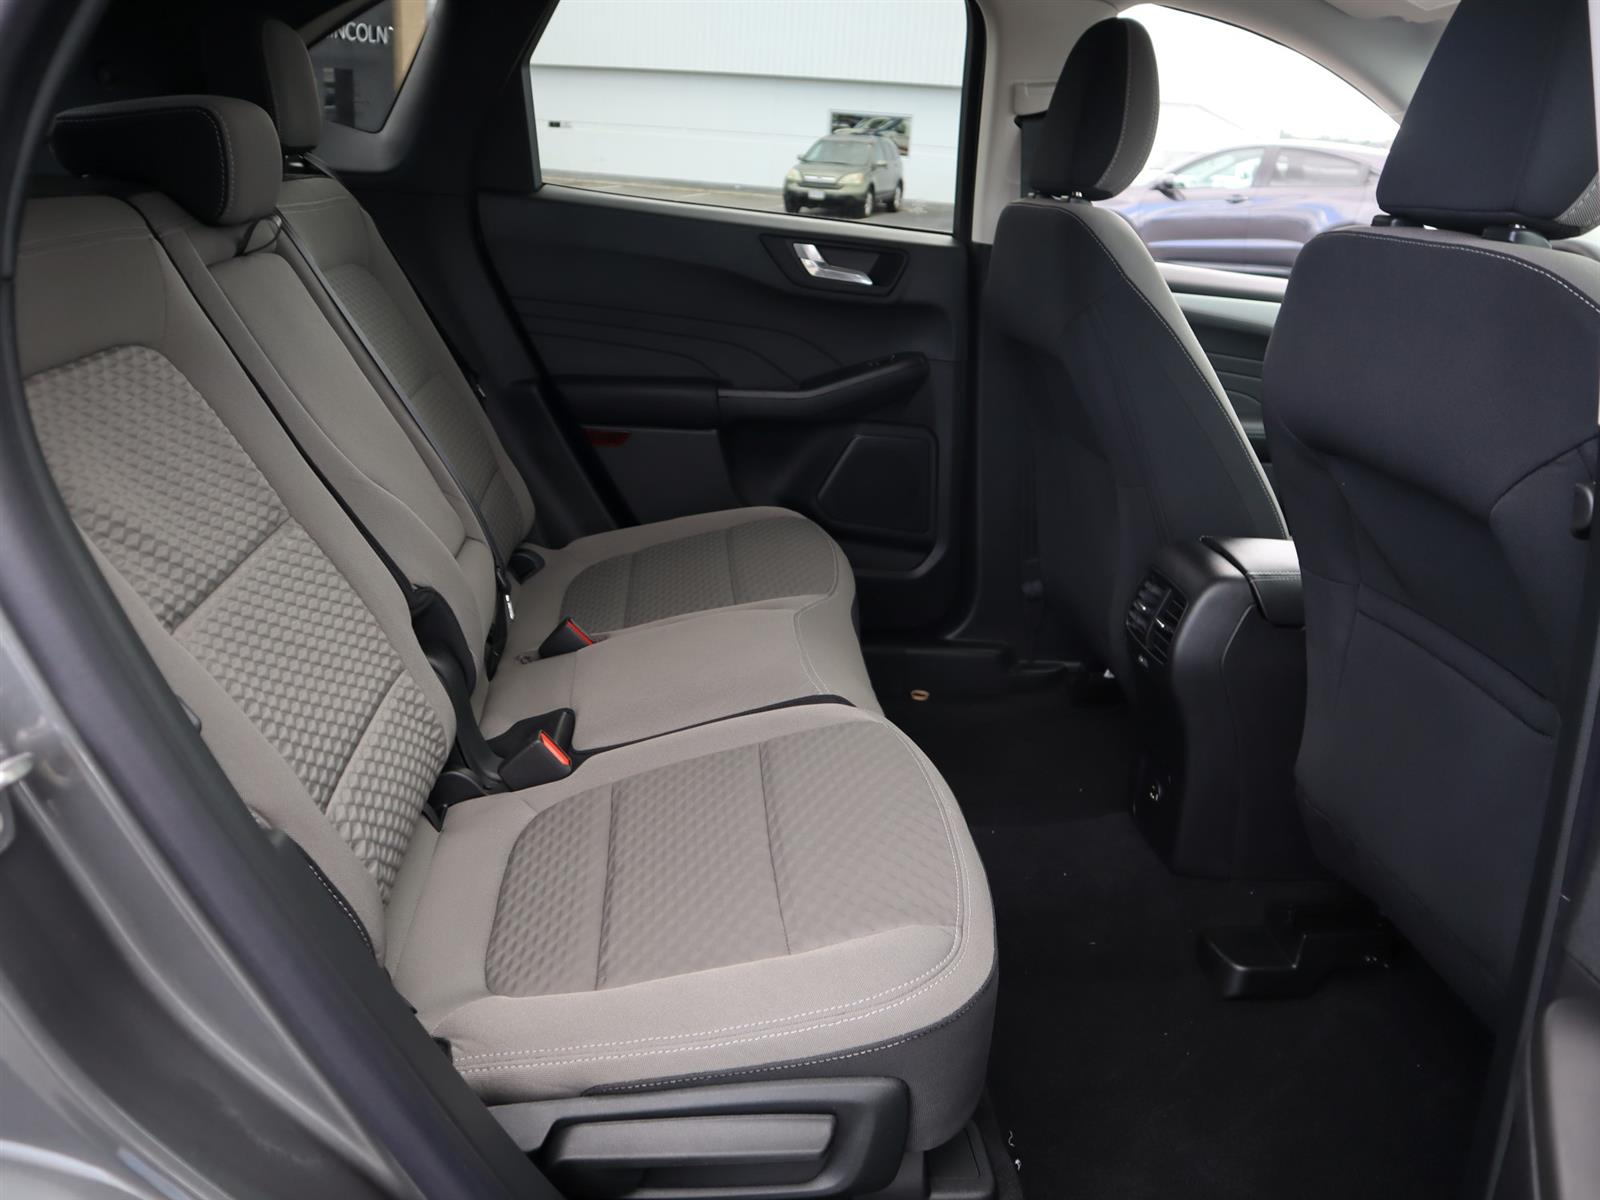 2021 Ford Escape SE Plug-in Hybrid